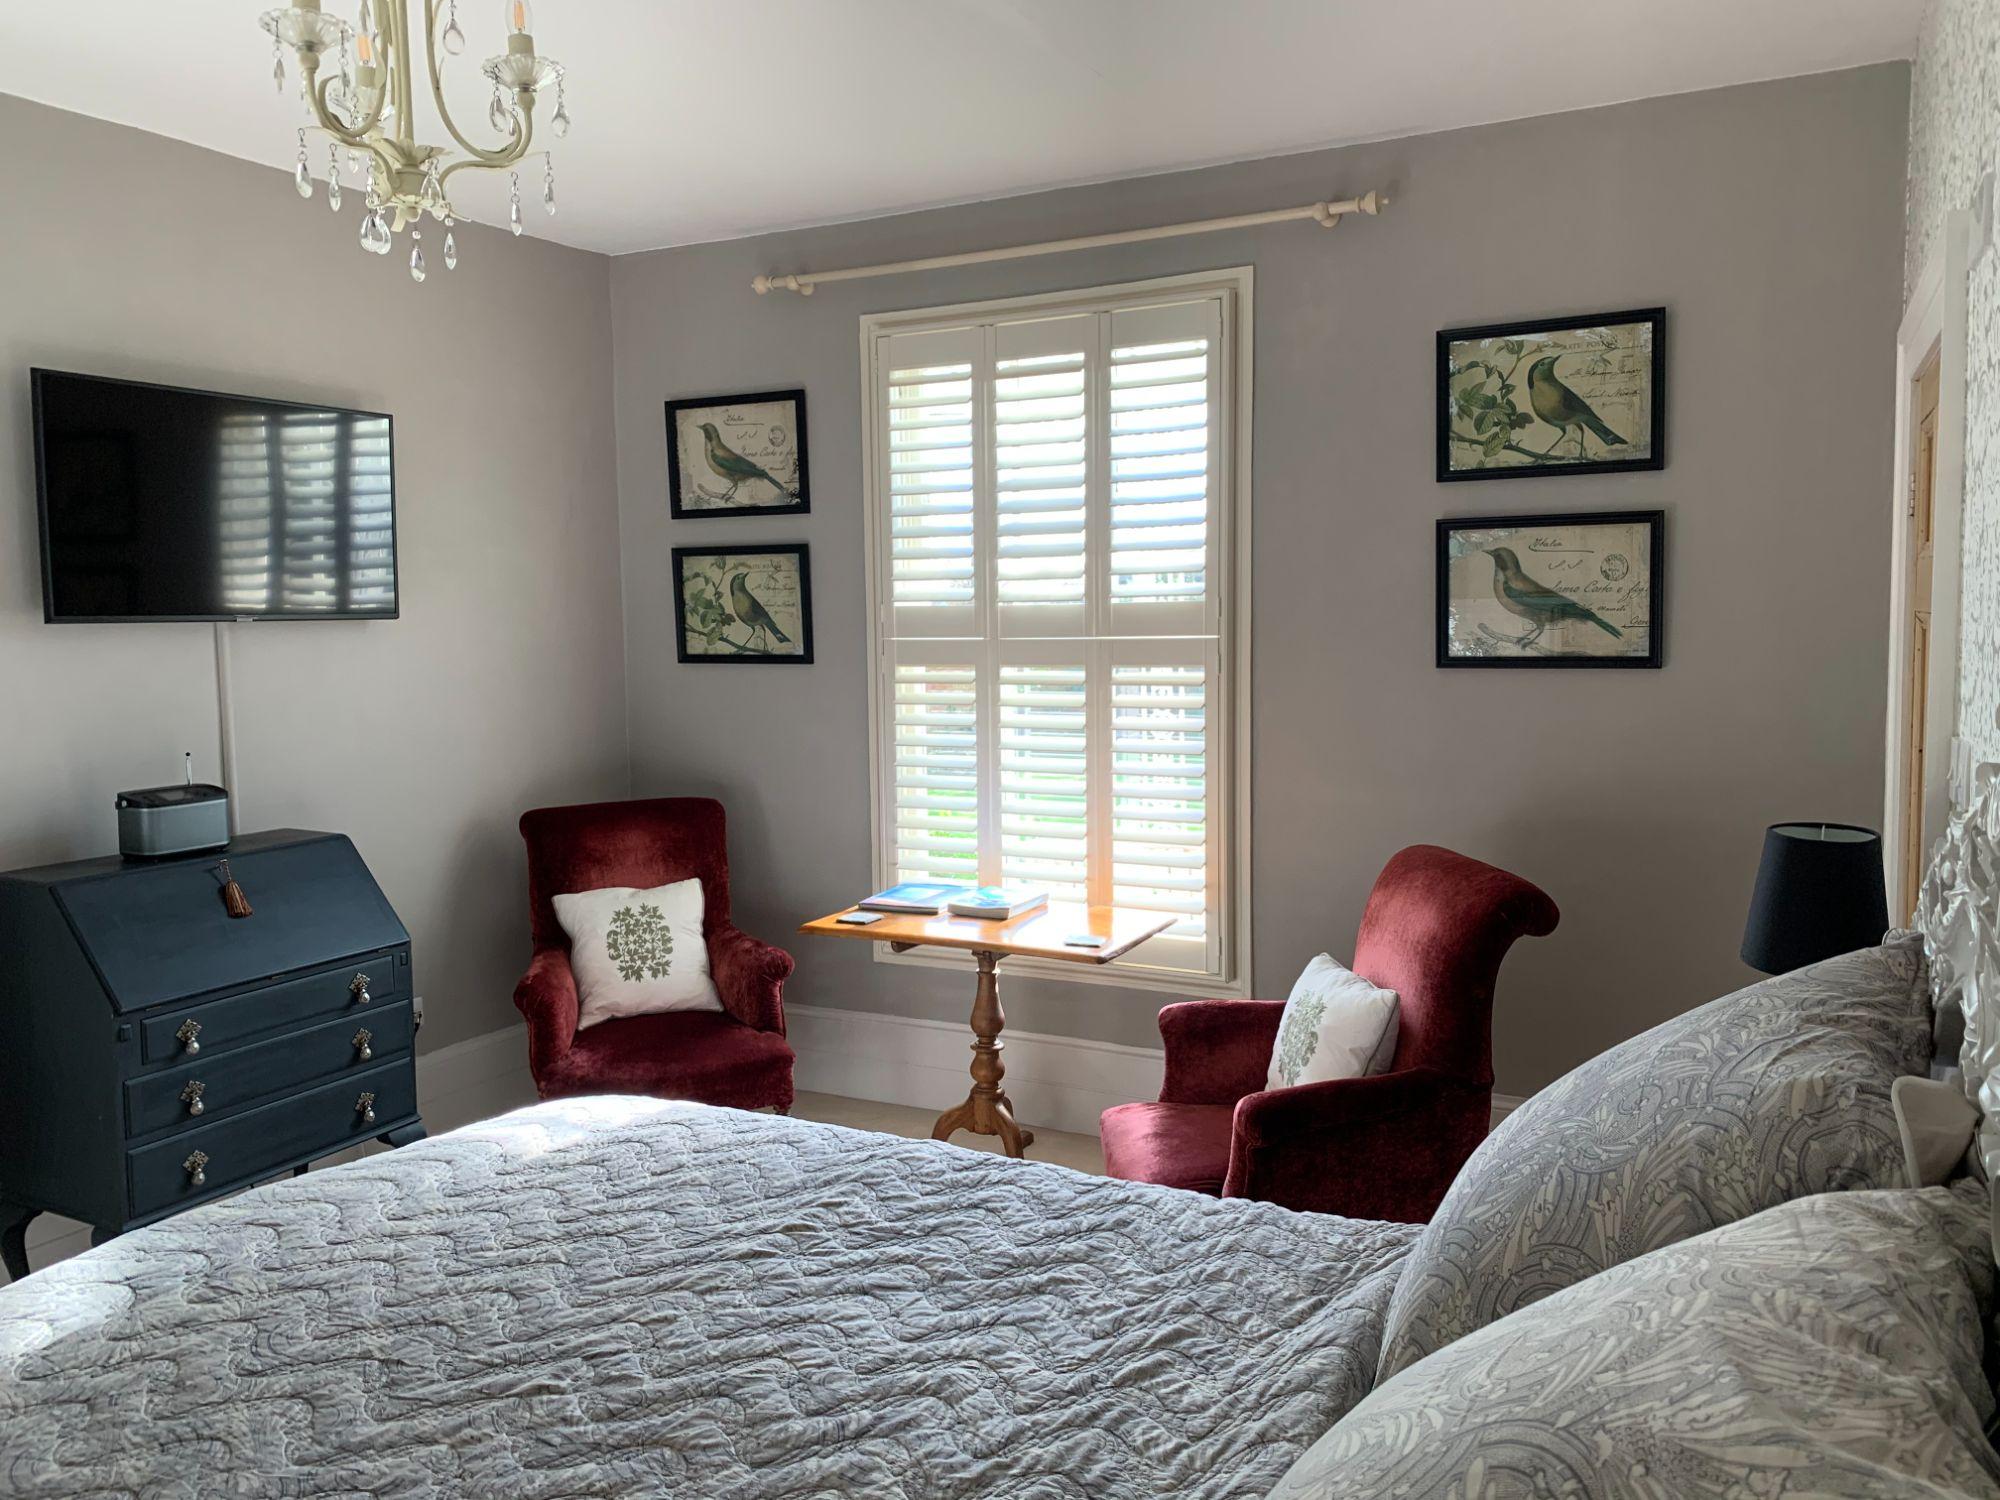 Veranda window across bed